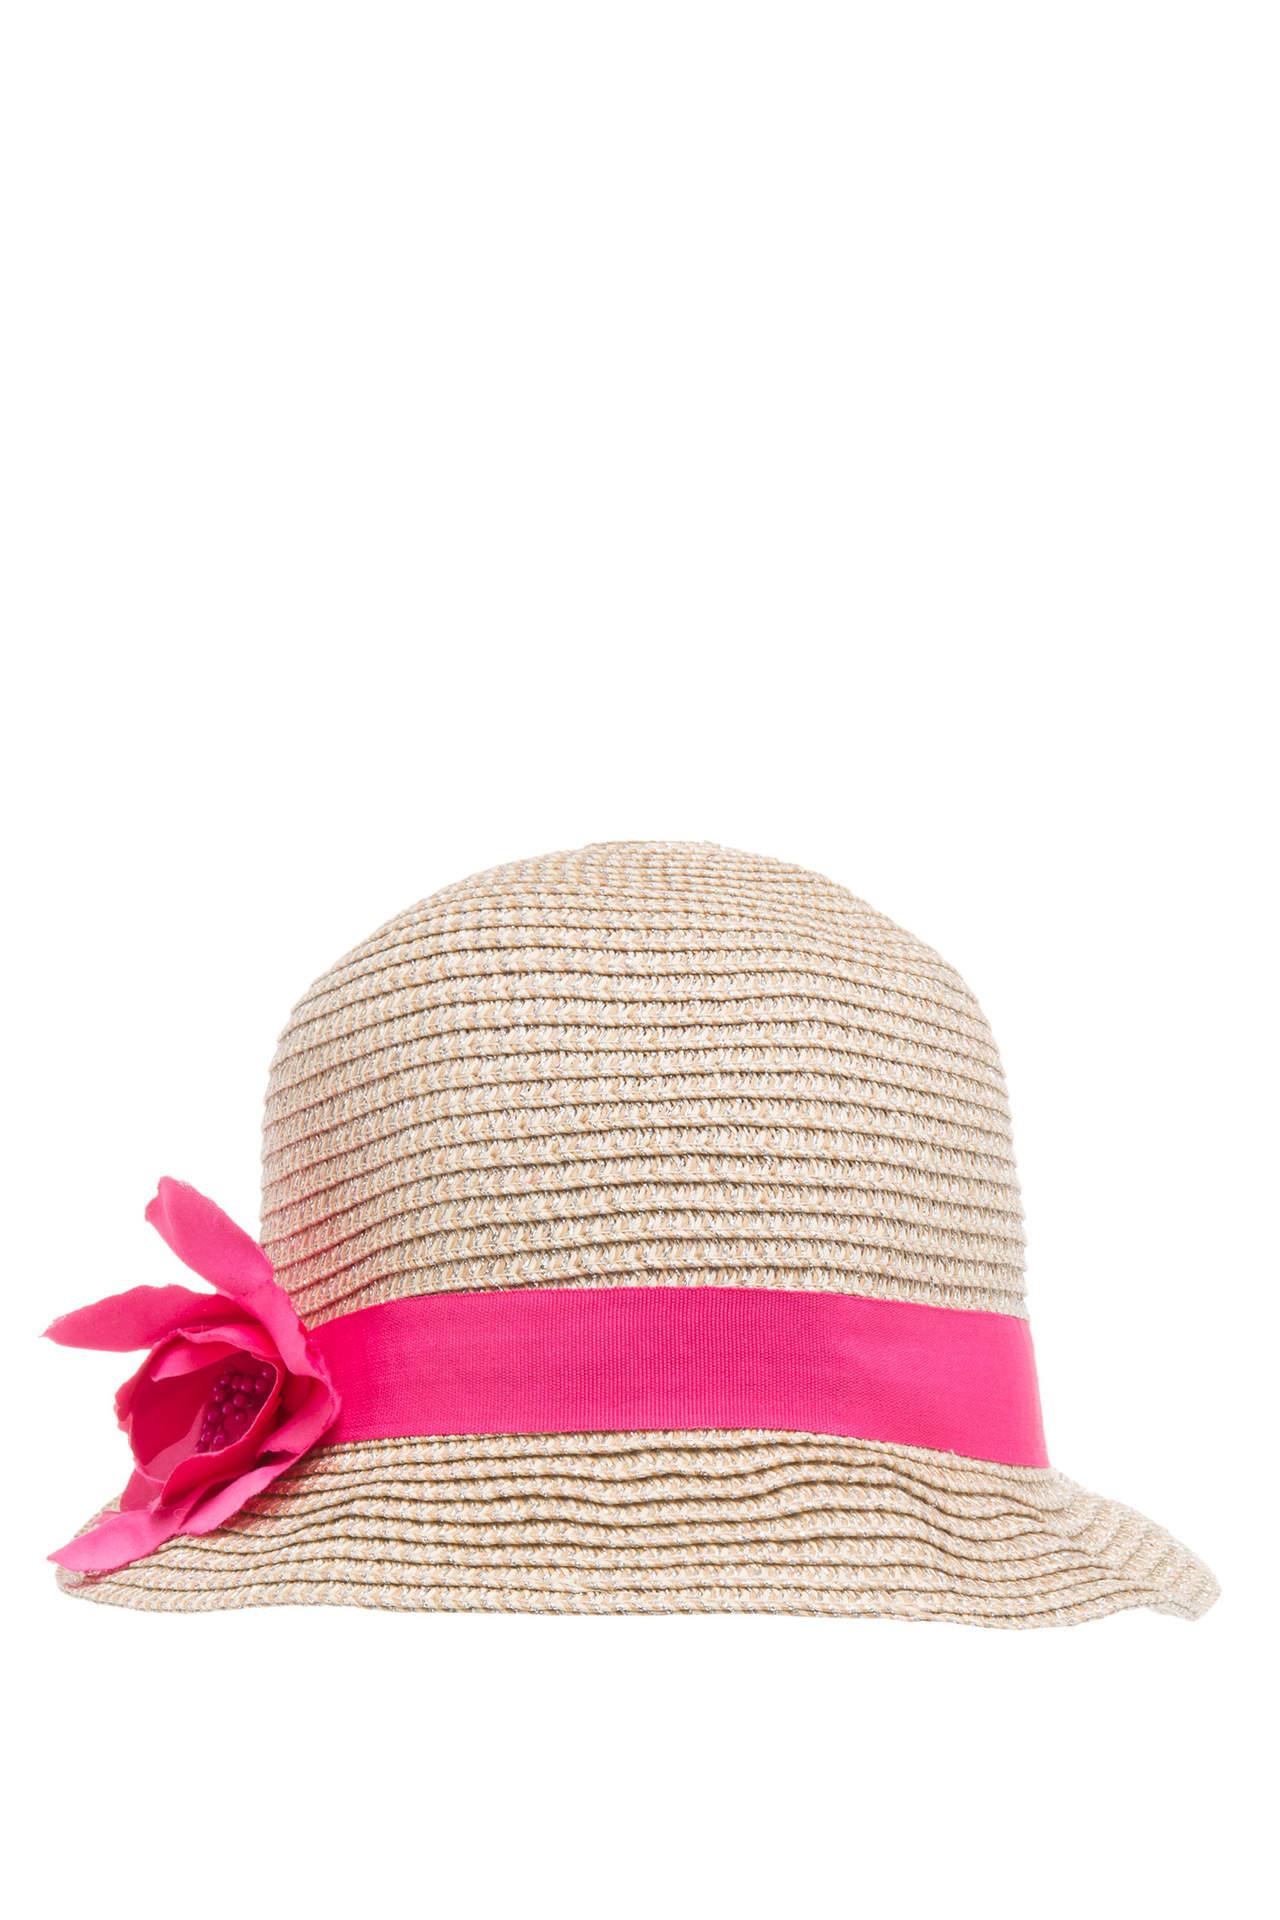 DeFacto Kız Çocuk Pembe Şerit Detaylı Hasır Şapka Bej female